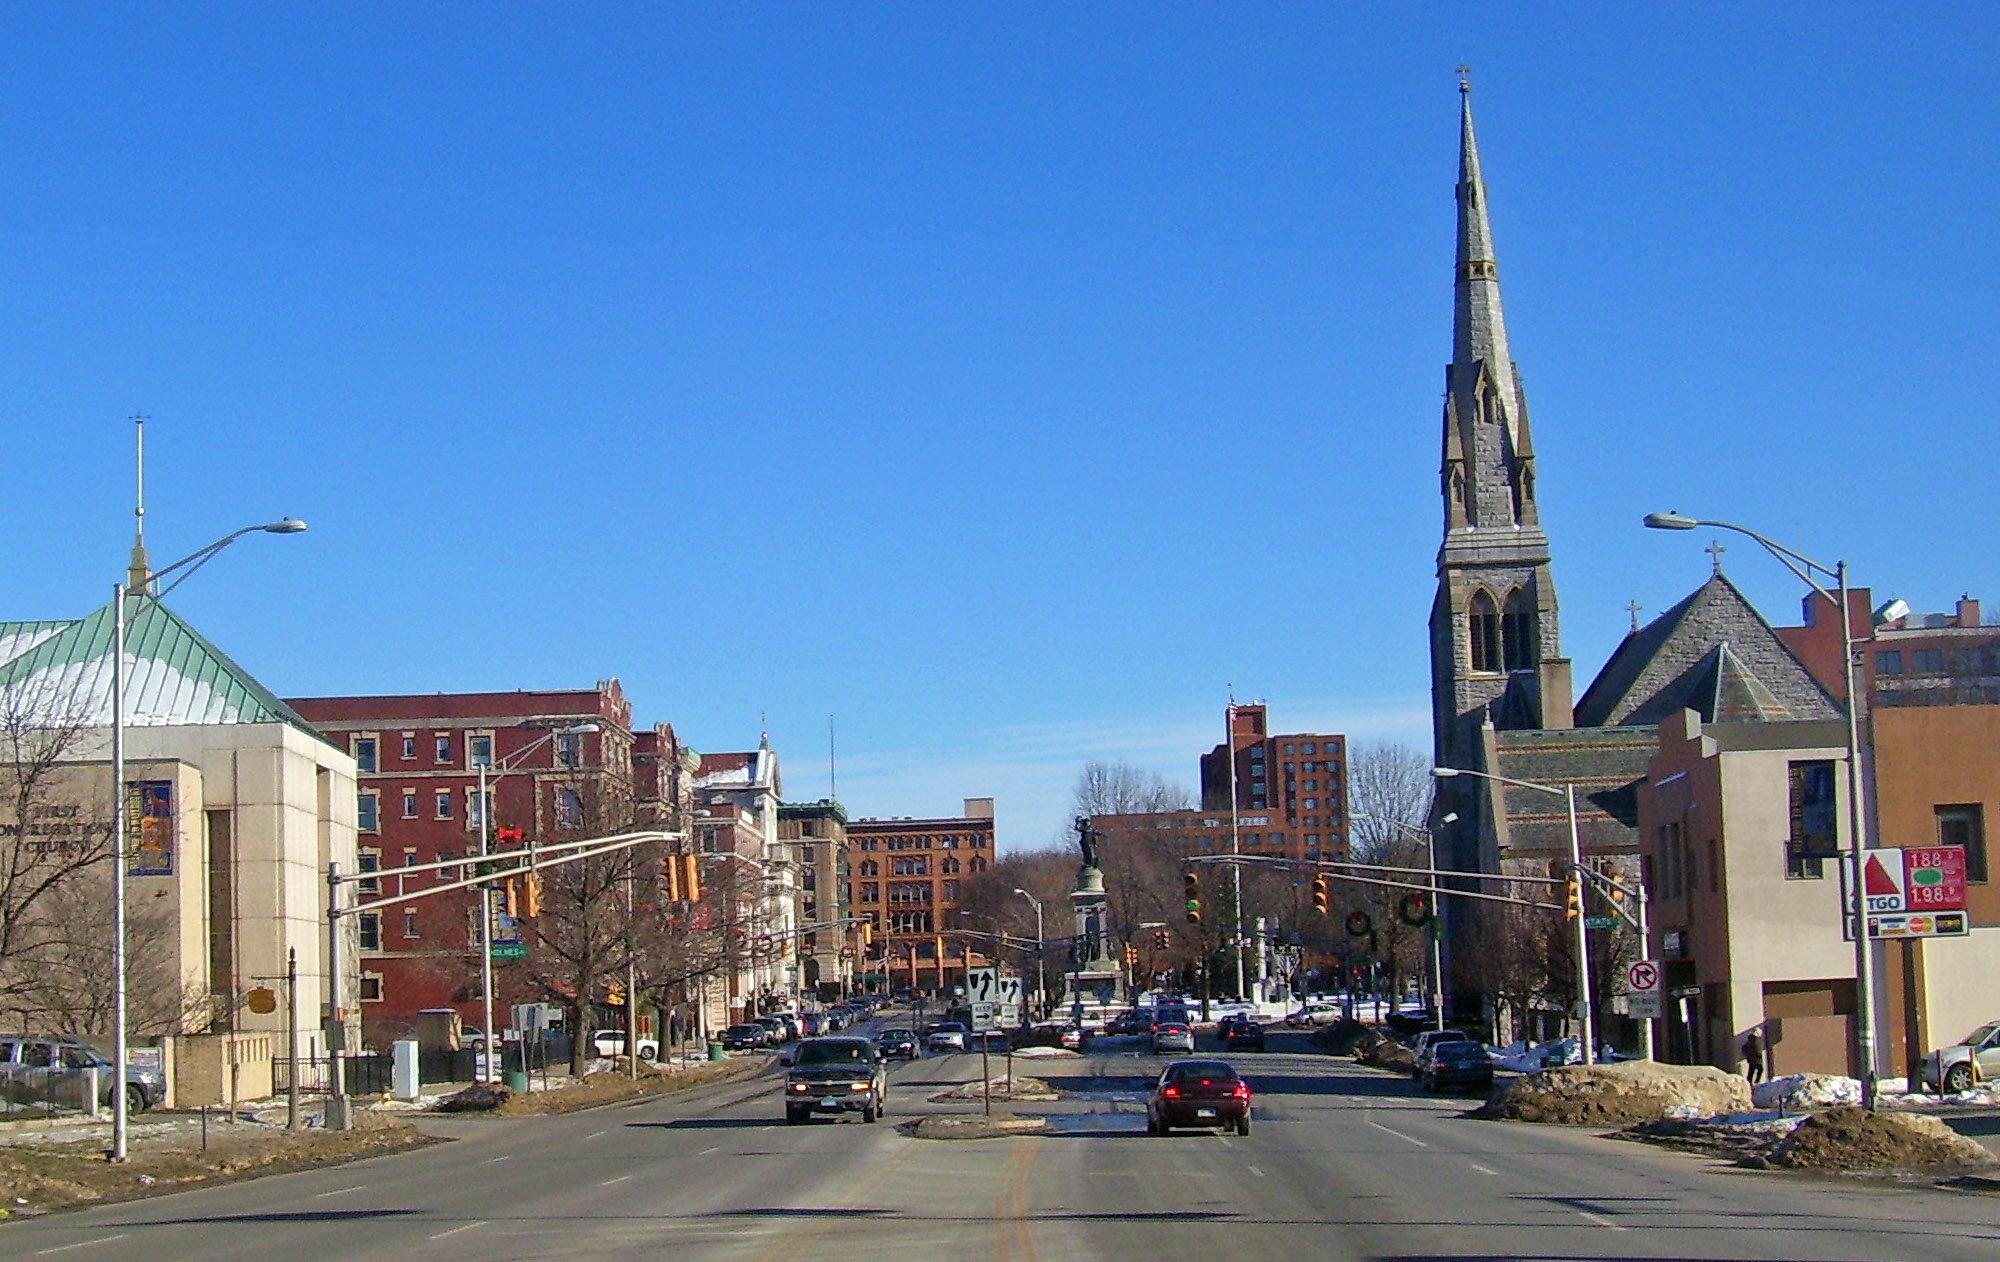 Downtown_Waterbury,_CT.jpg